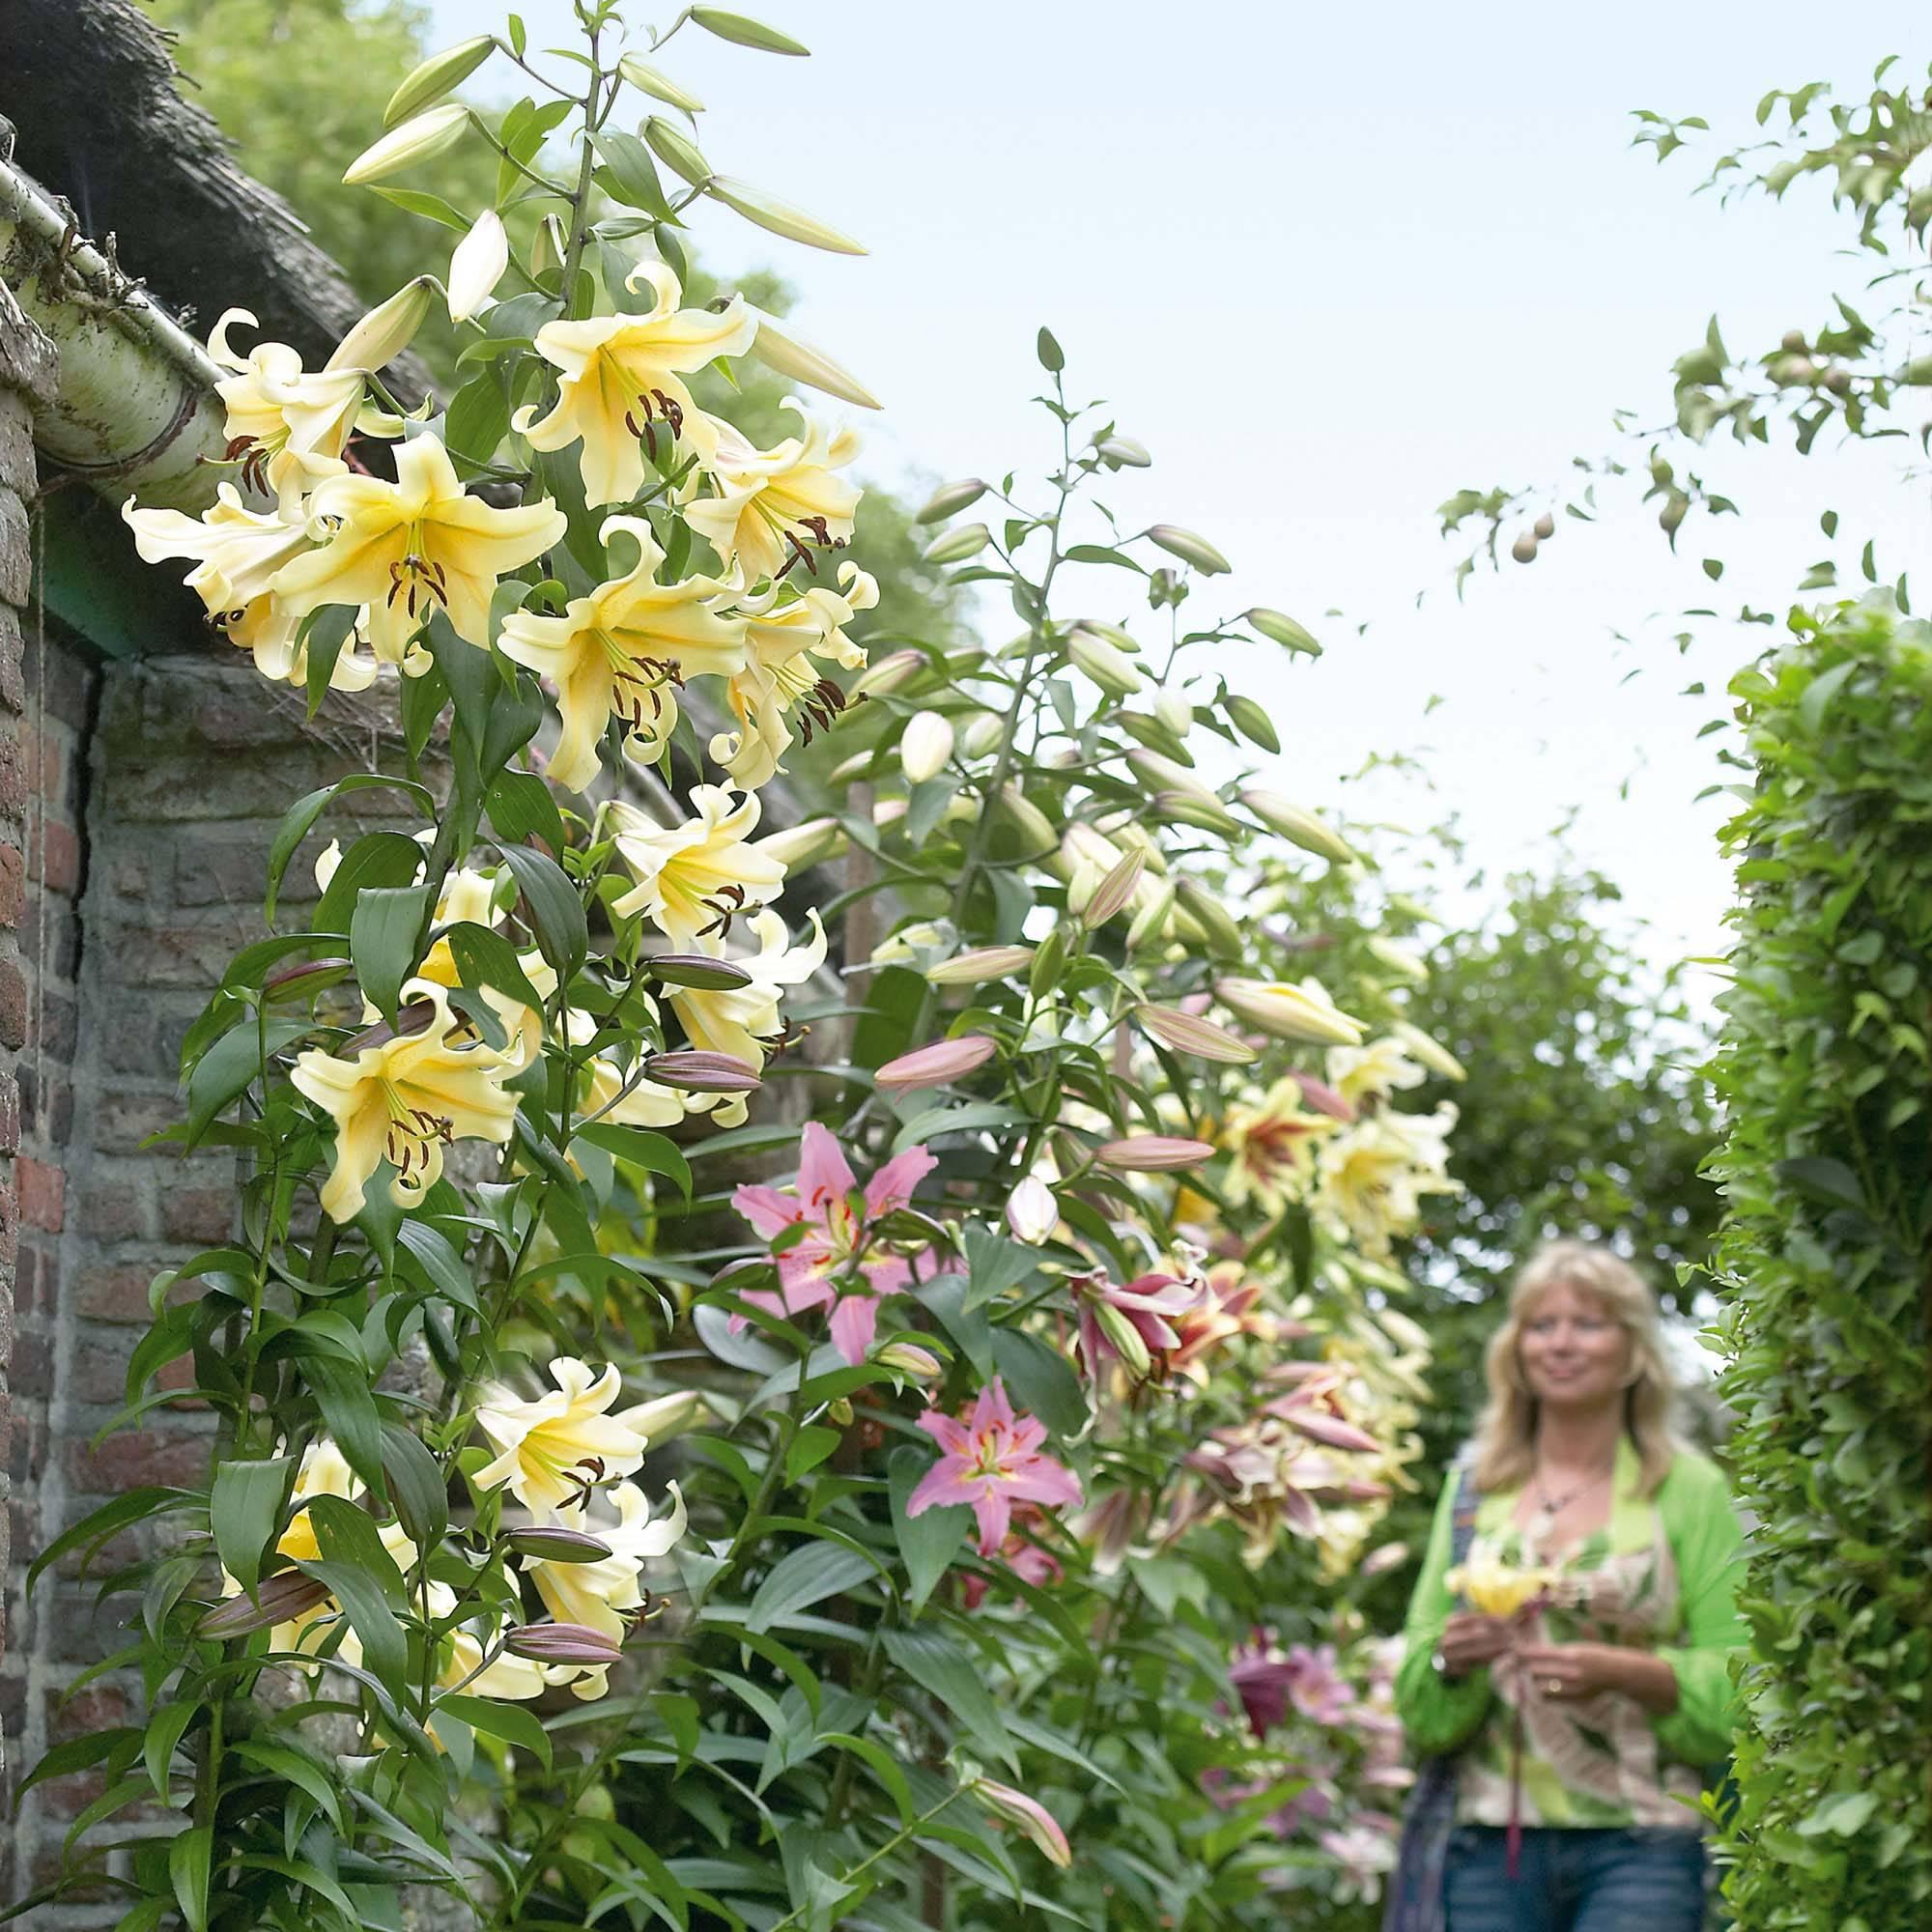 Безупречное цветущее растение — азиатская лилия: фото и уход за цветком